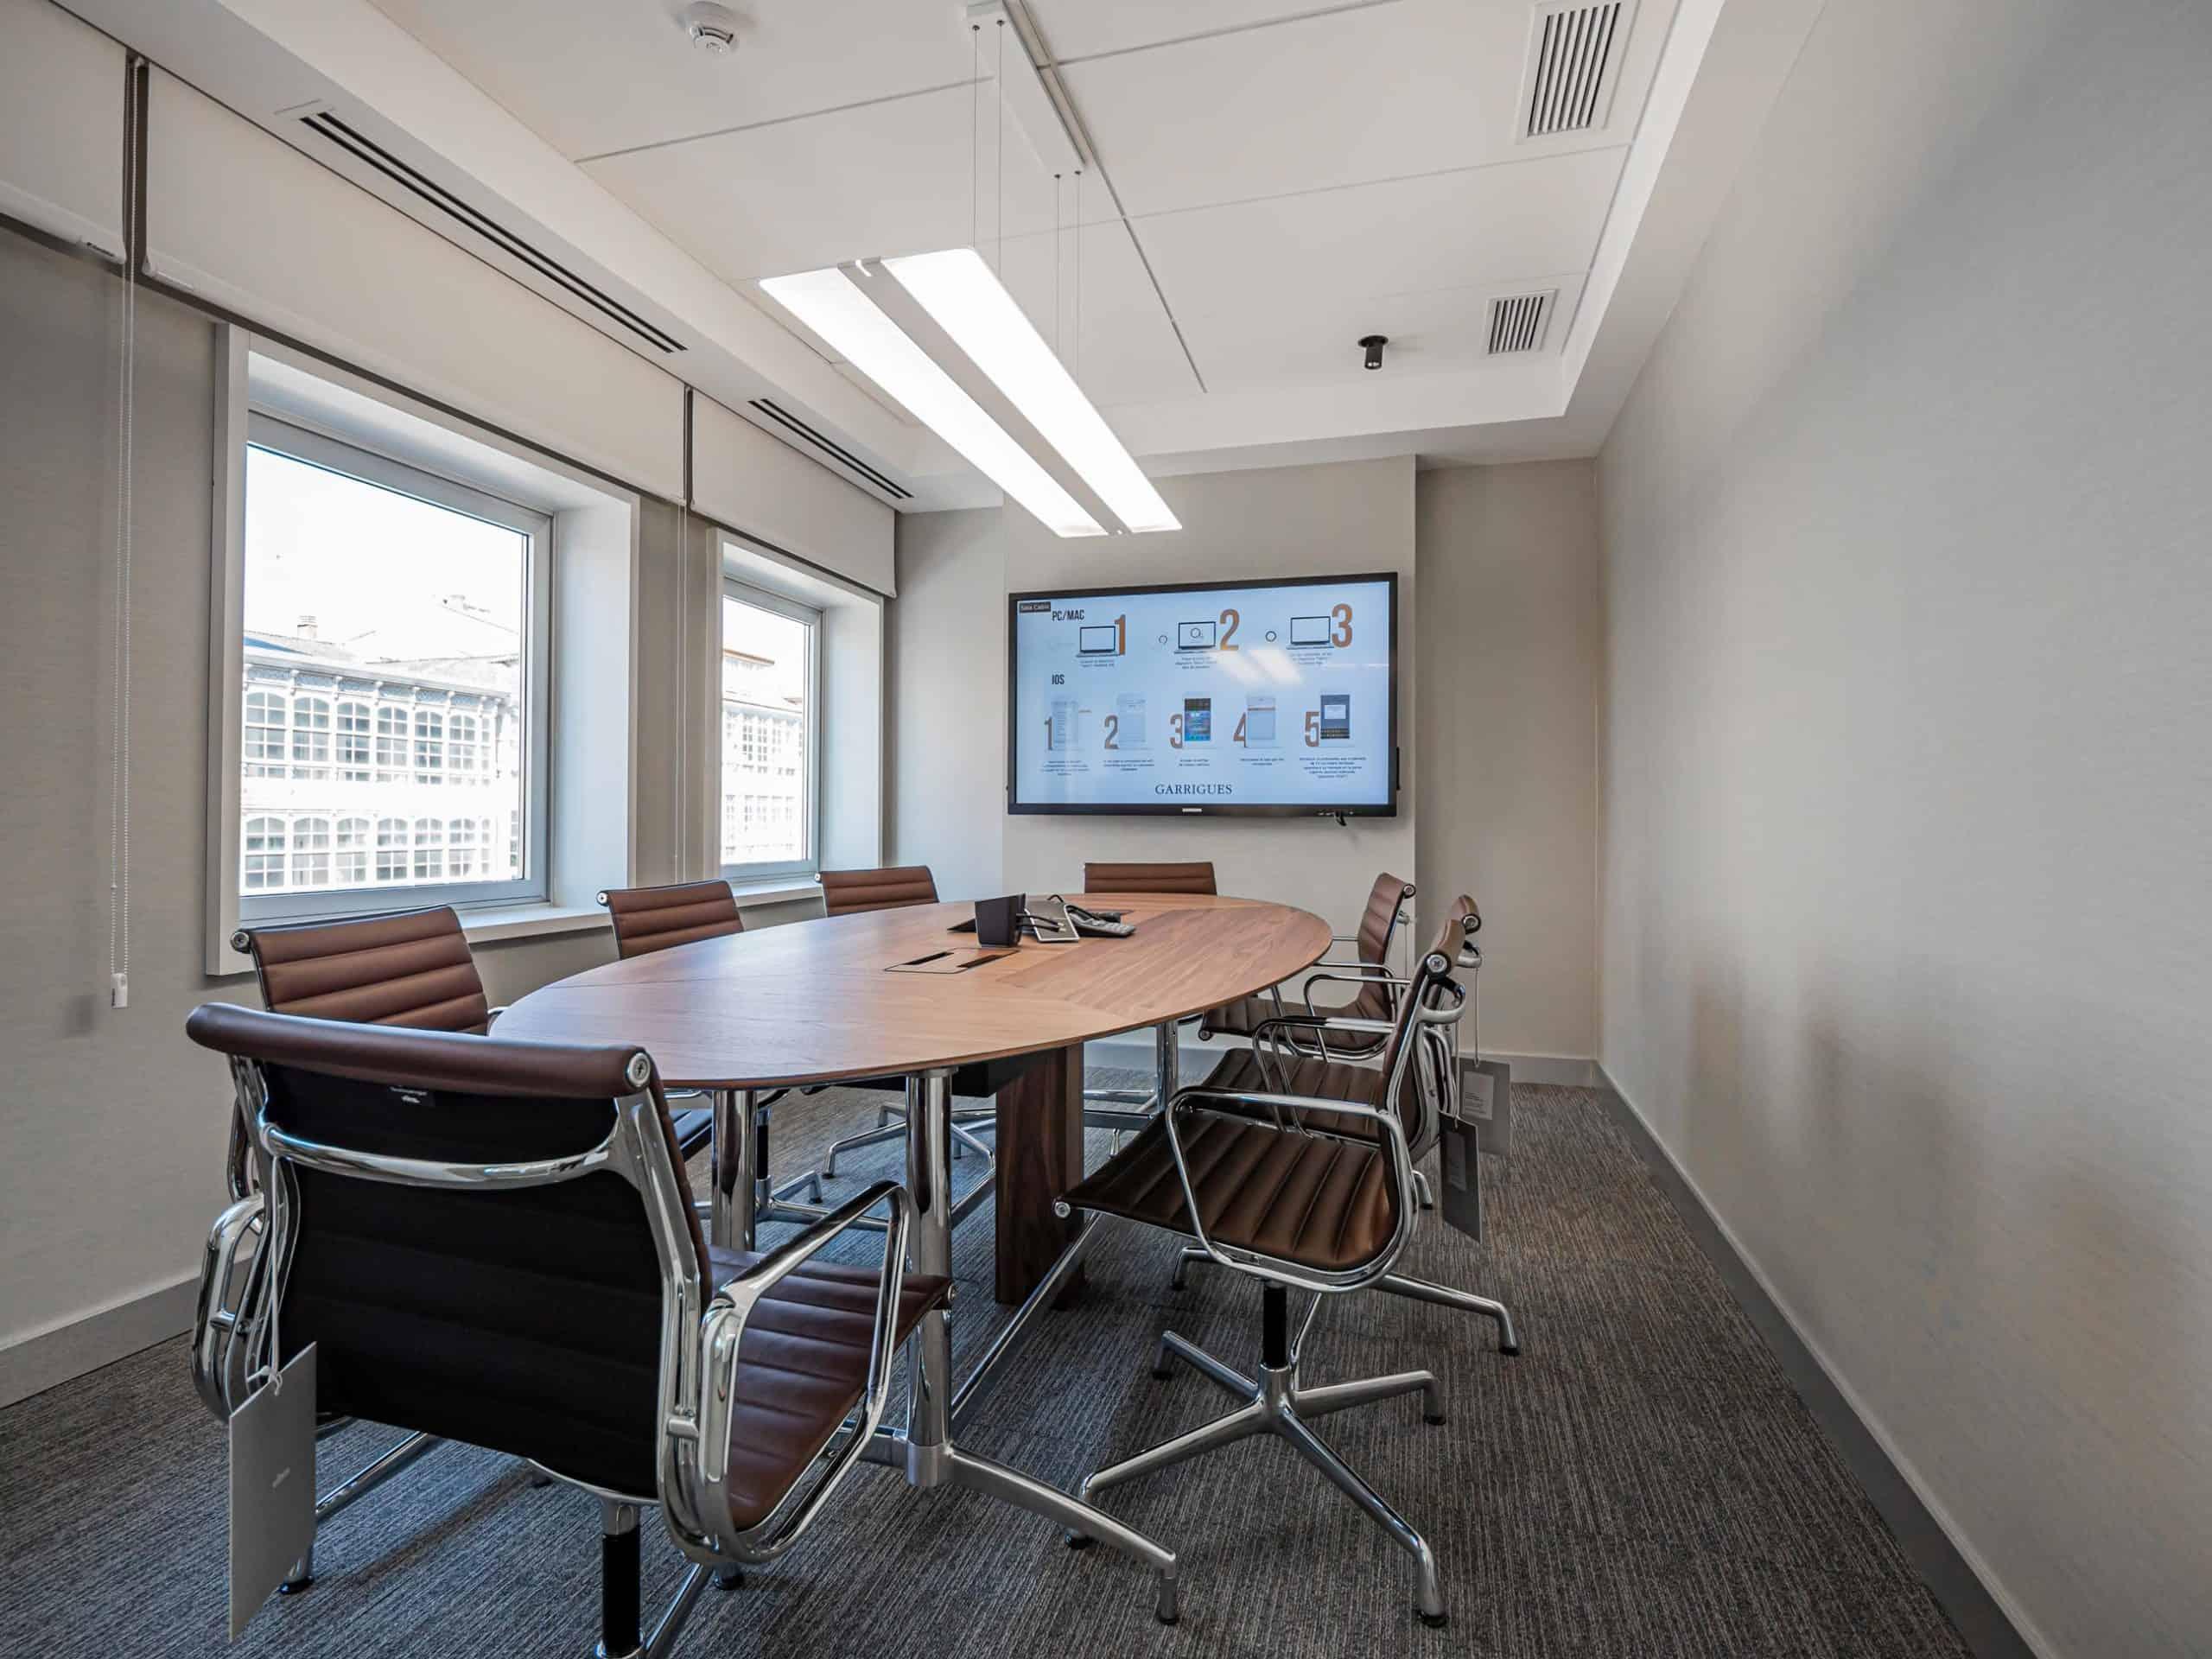 Imagen de sala reuniones proyecto Design&Build oficinas Garrigues